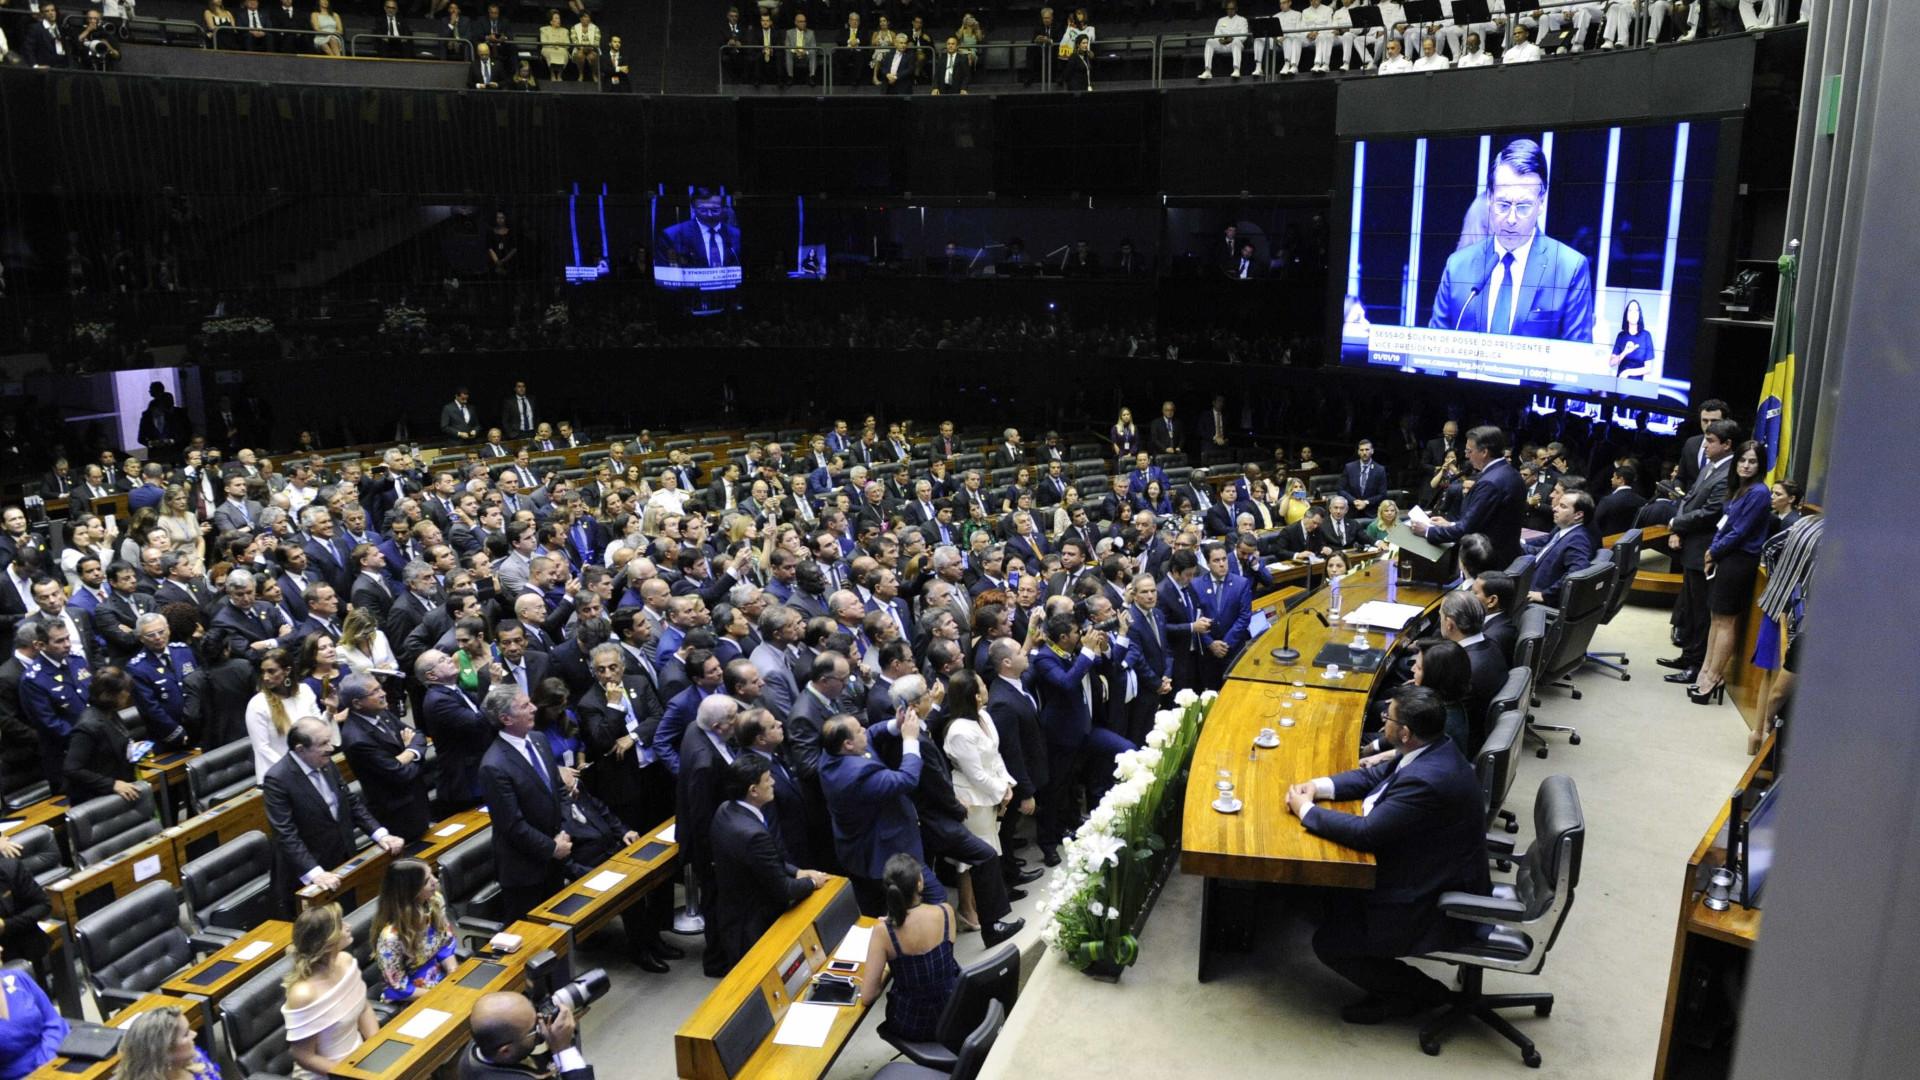 Decisões de Bolsonaro levaram a derrotas do Planalto no STF